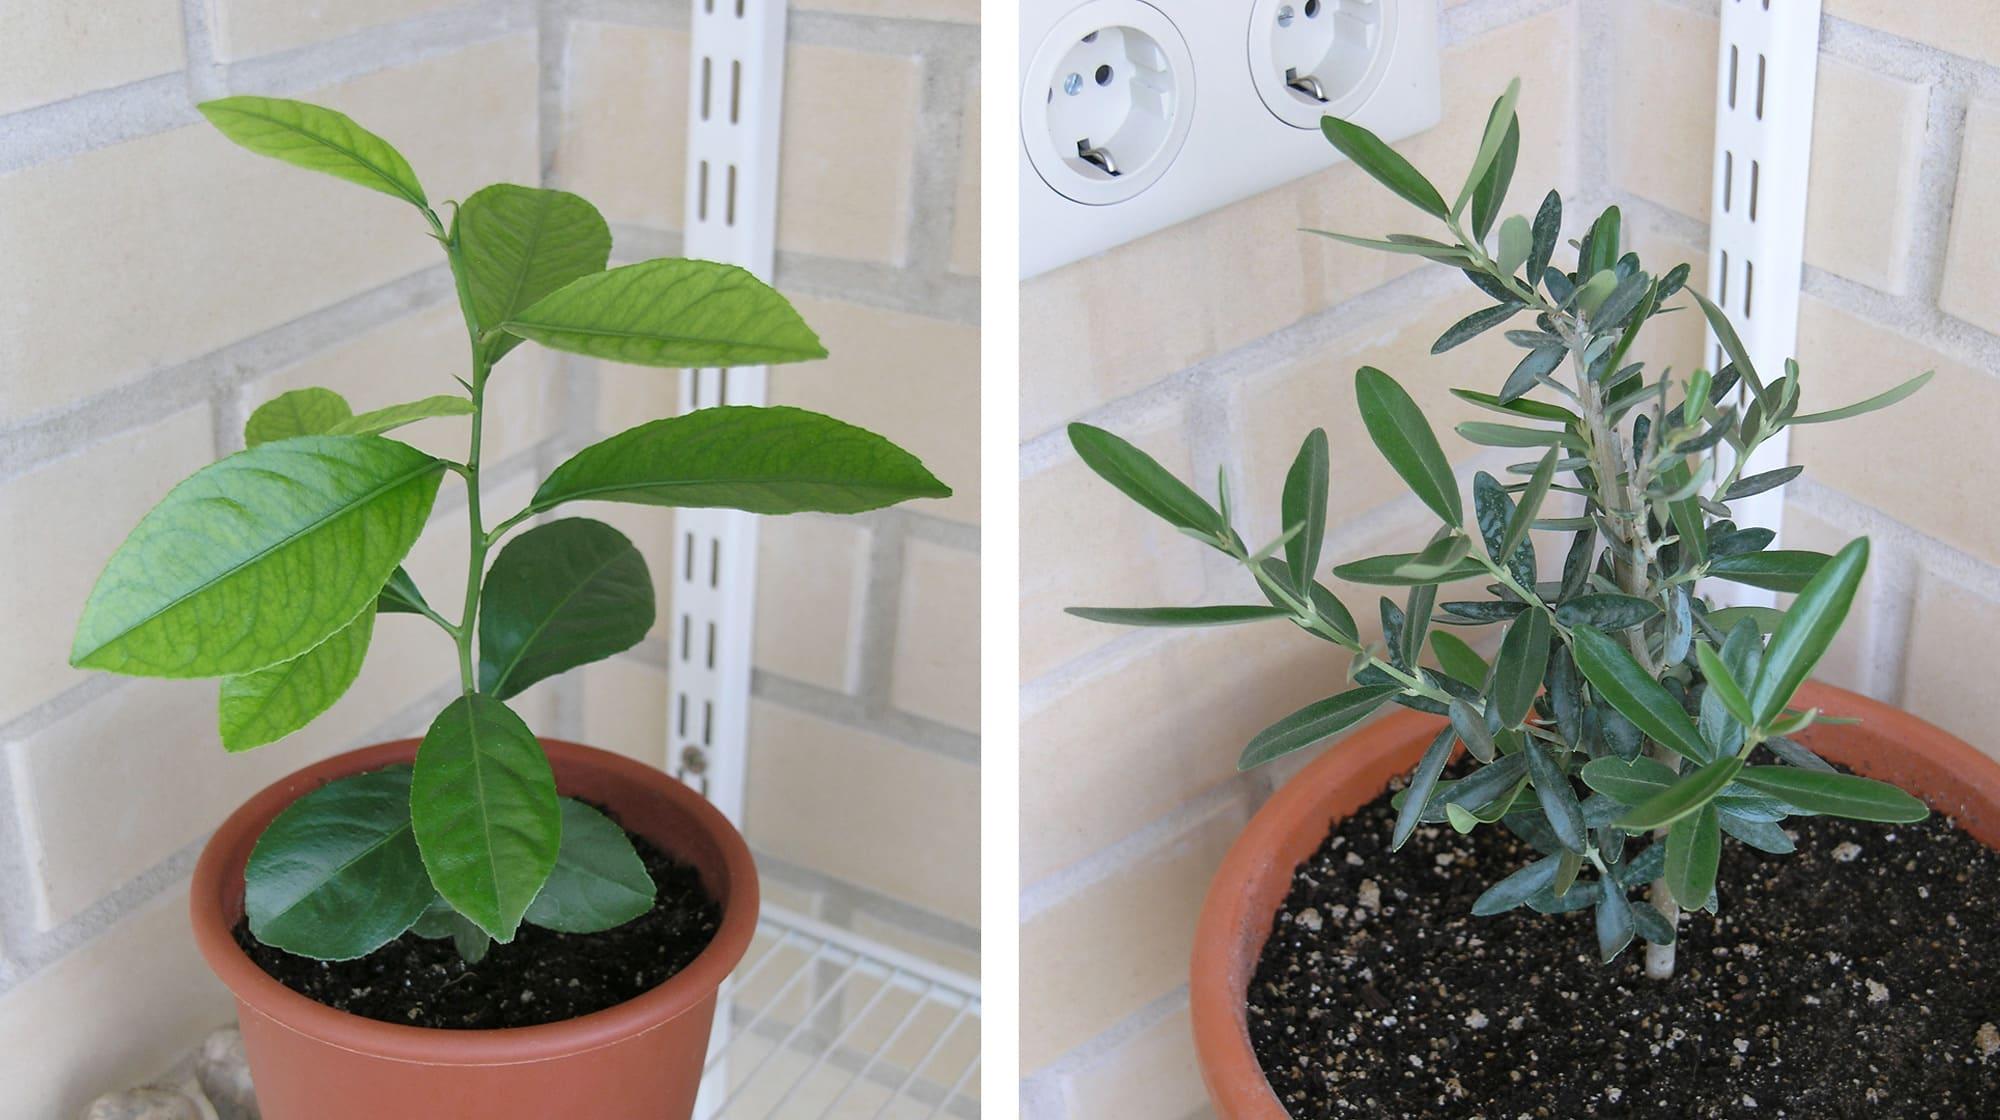 Лимонное дерево в горшке. Оливковое дерево в горшке.